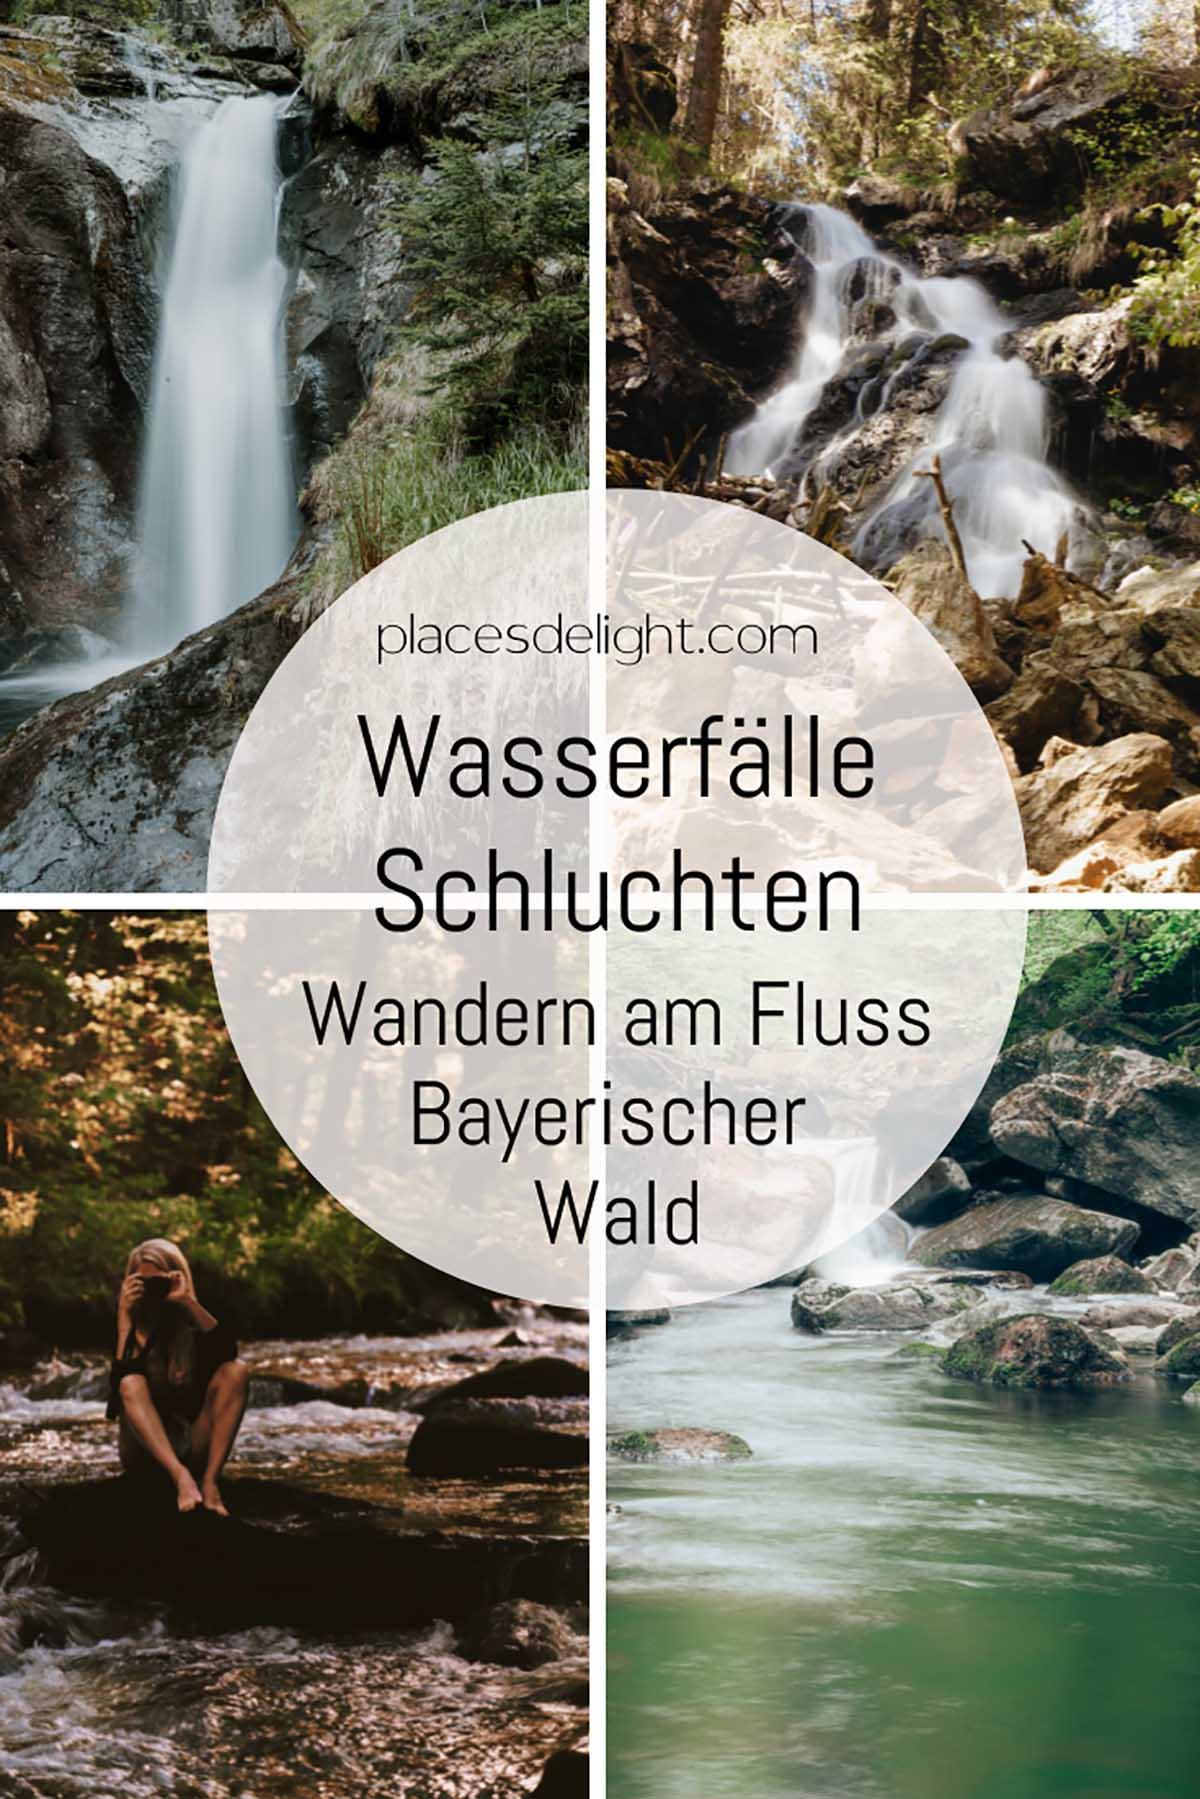 placesdelight-schluchten-wasserfaelle-bayerischer-wald